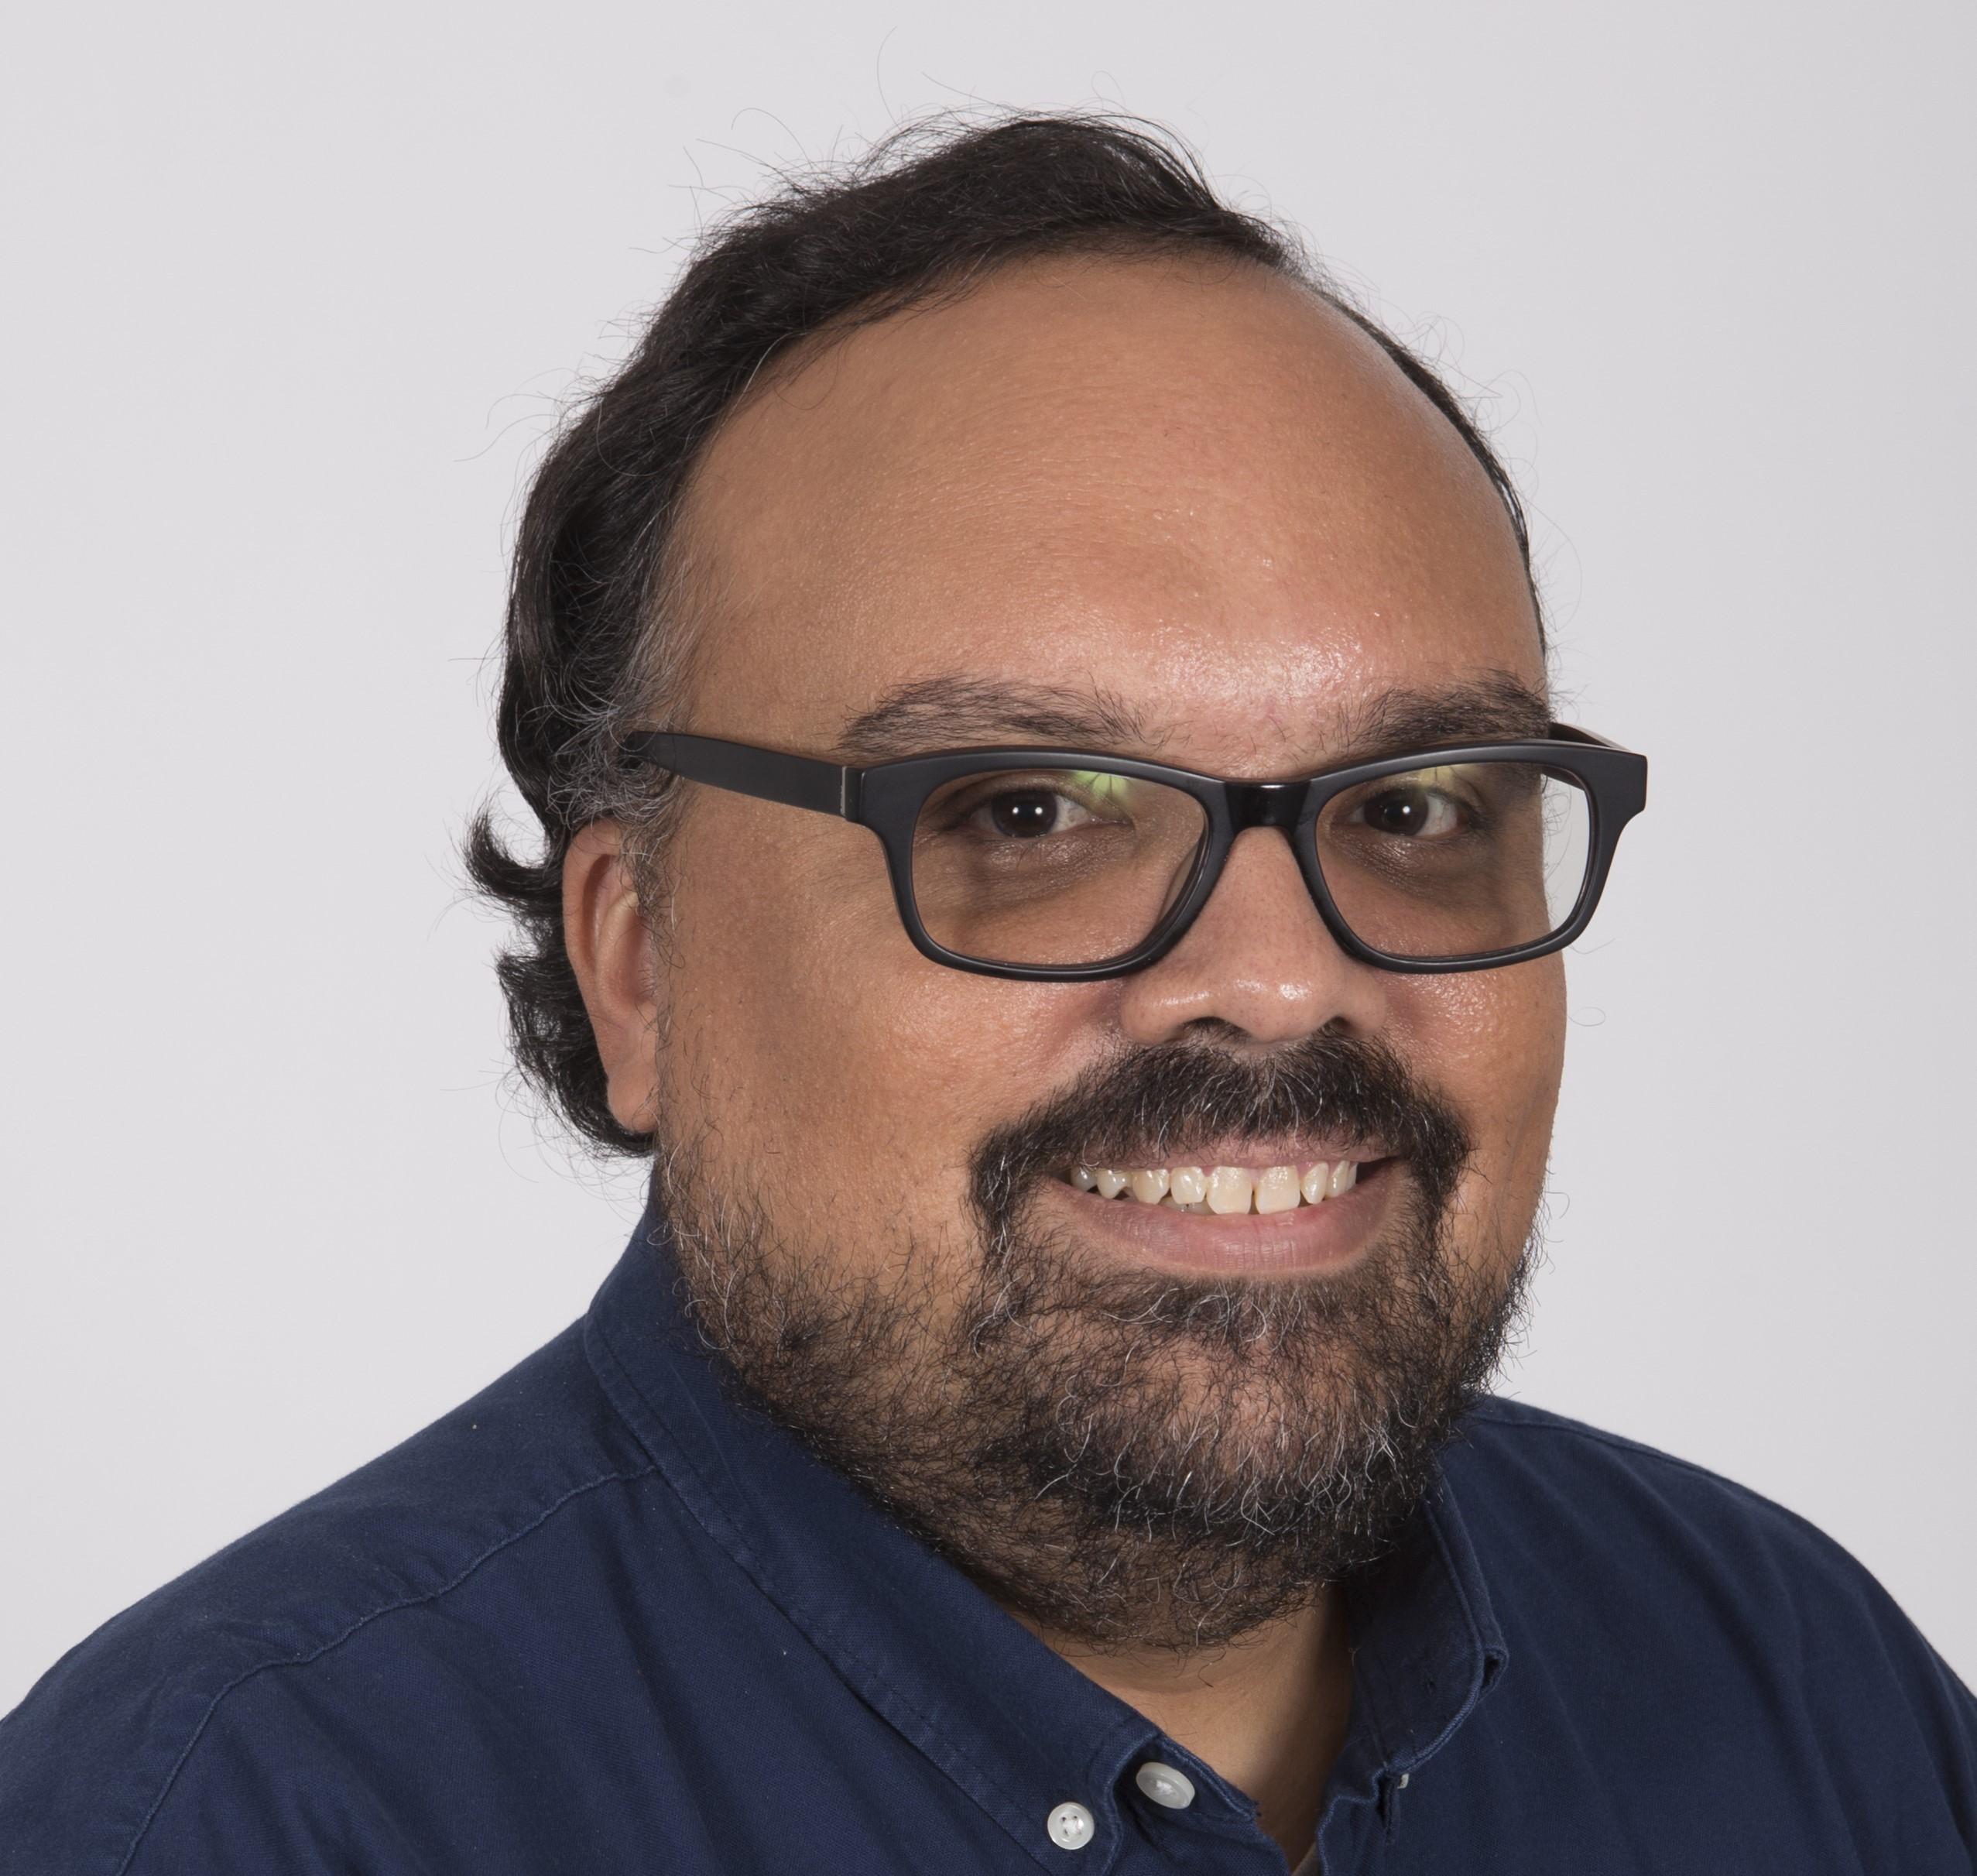 Anibal AJ Delgado